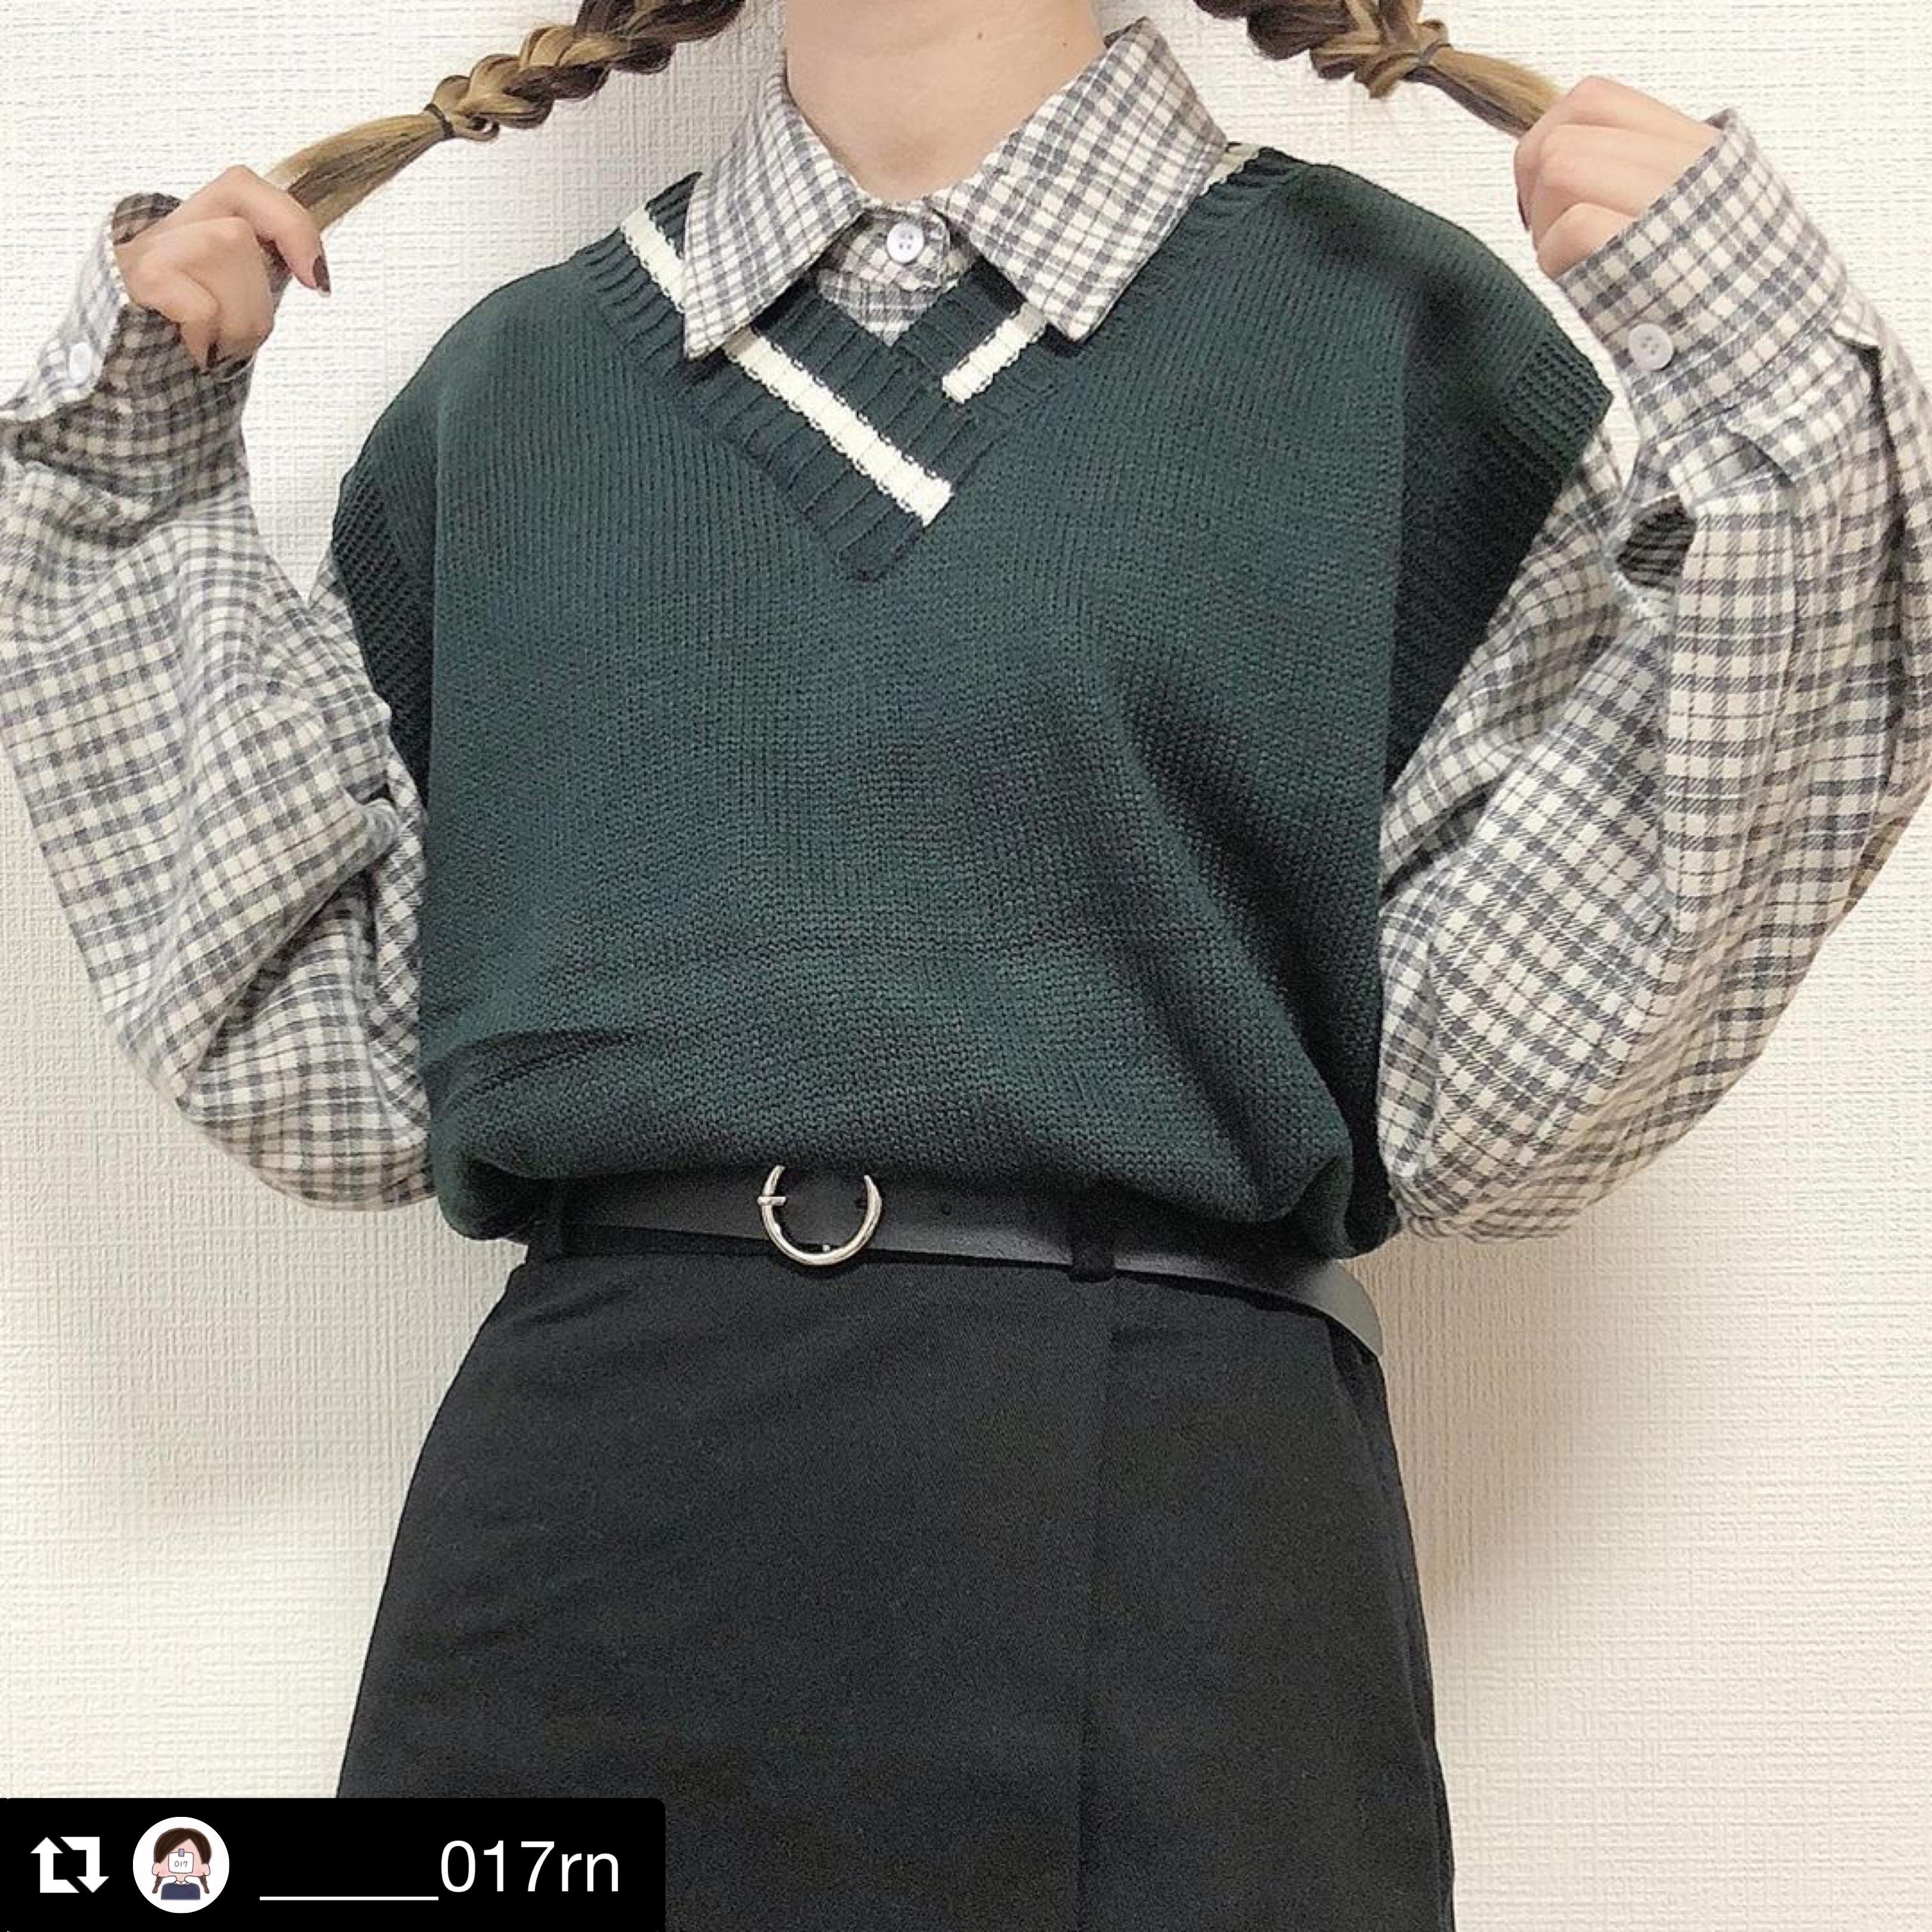 【送料無料】 たっぷりボリューム♡ プルオーバー ビッグシルエット チェック シャツ トップス ボリューム袖